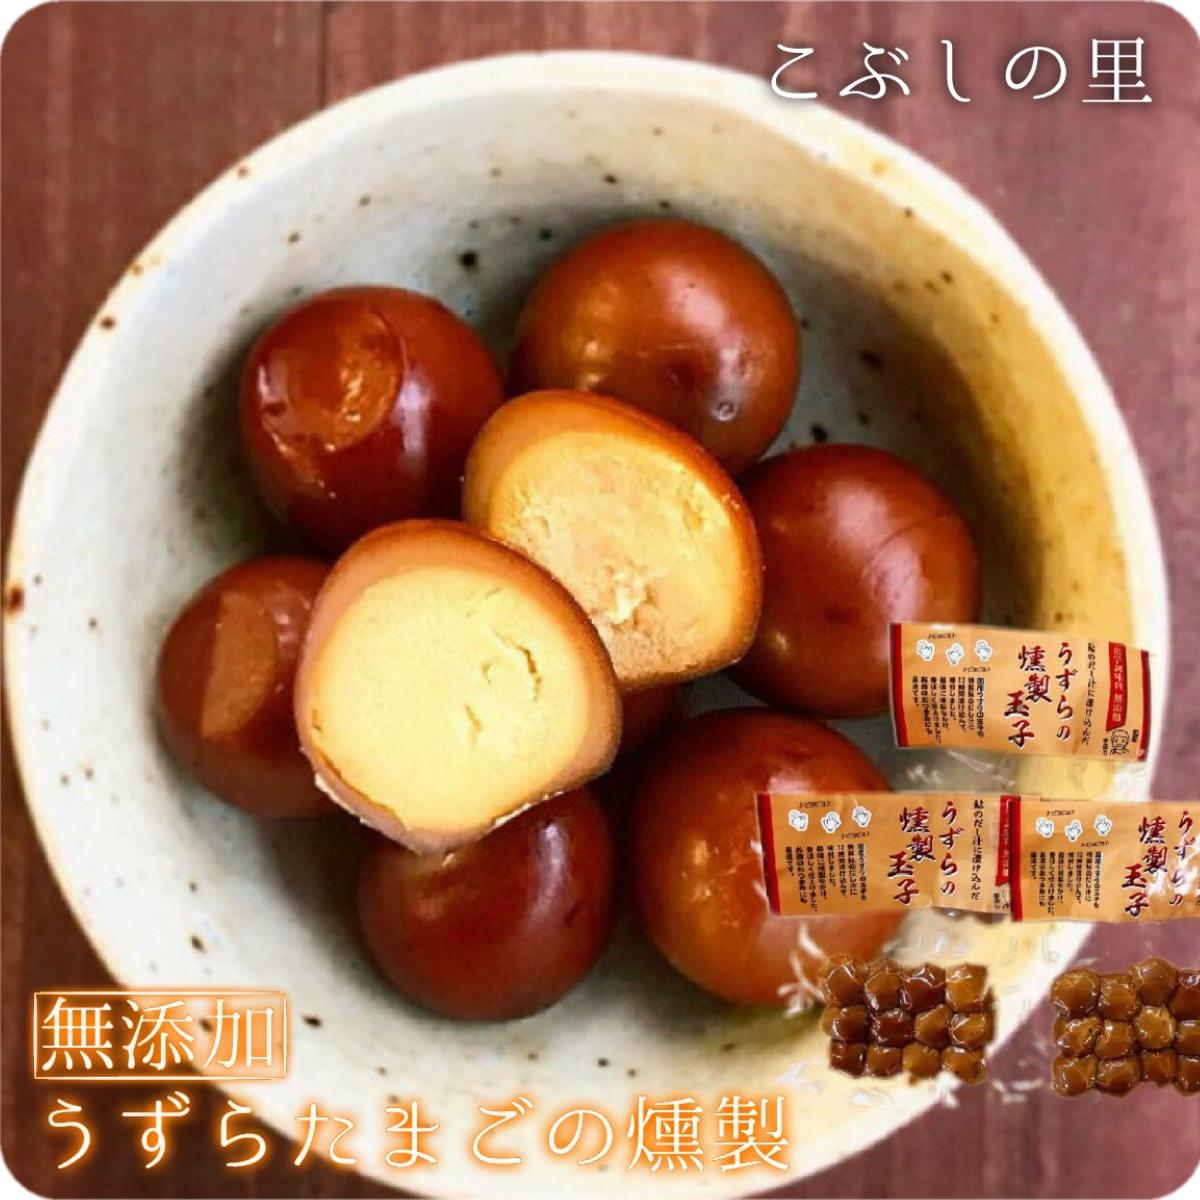 うずらたまごの燻製12個入×5袋 高級おつまみ 肴 燻製 うずら卵 たまご うずら